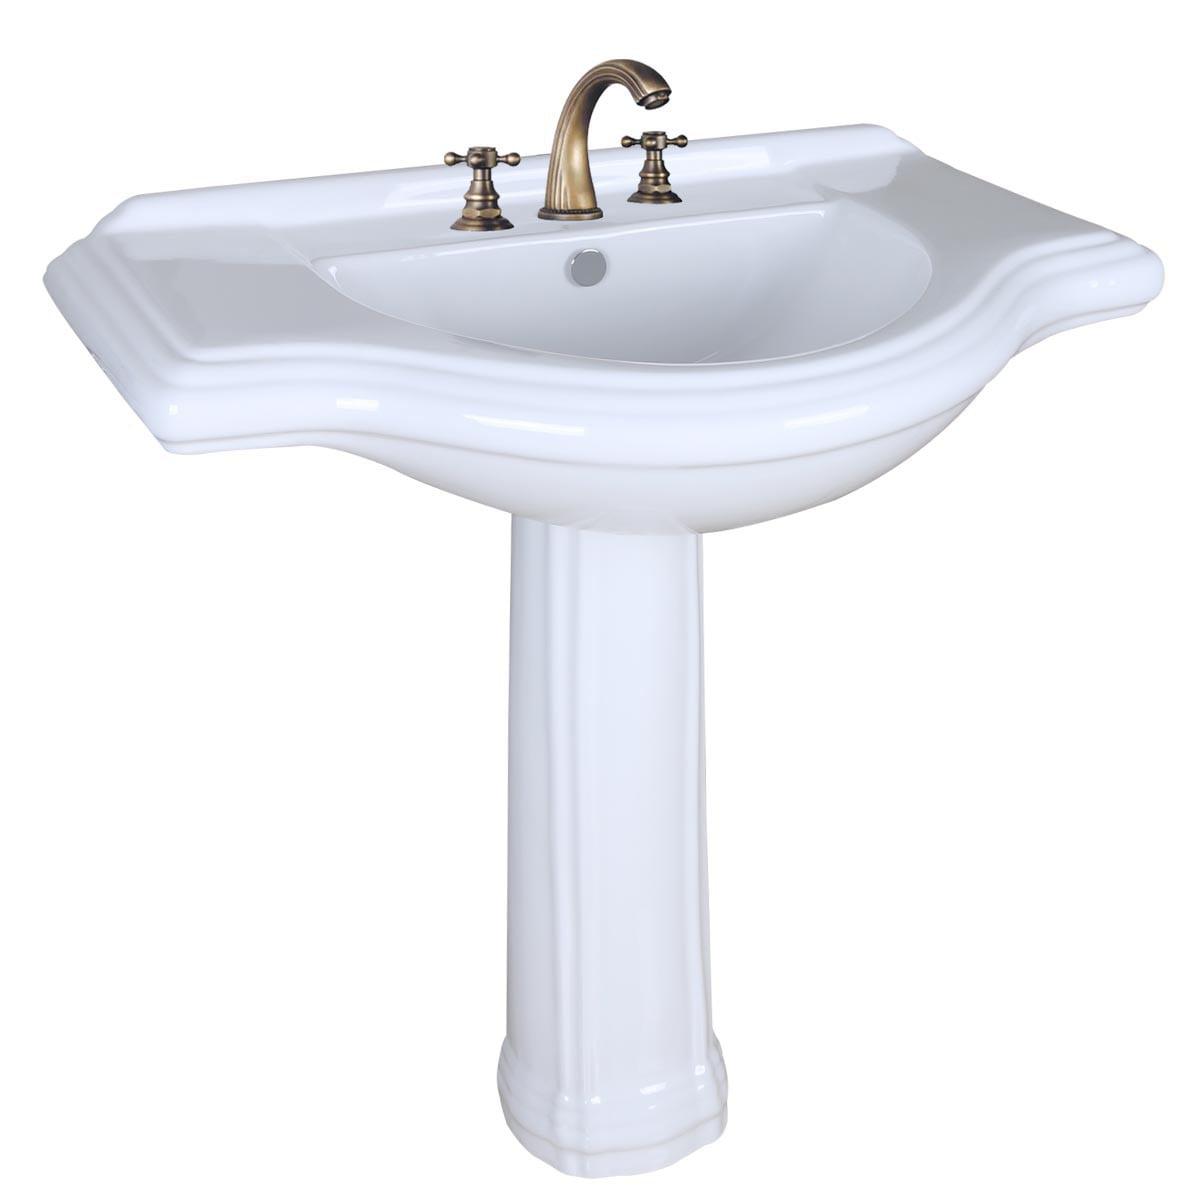 Large Bathroom Pedestal Sink White Porcelain 34in Wide Wi...